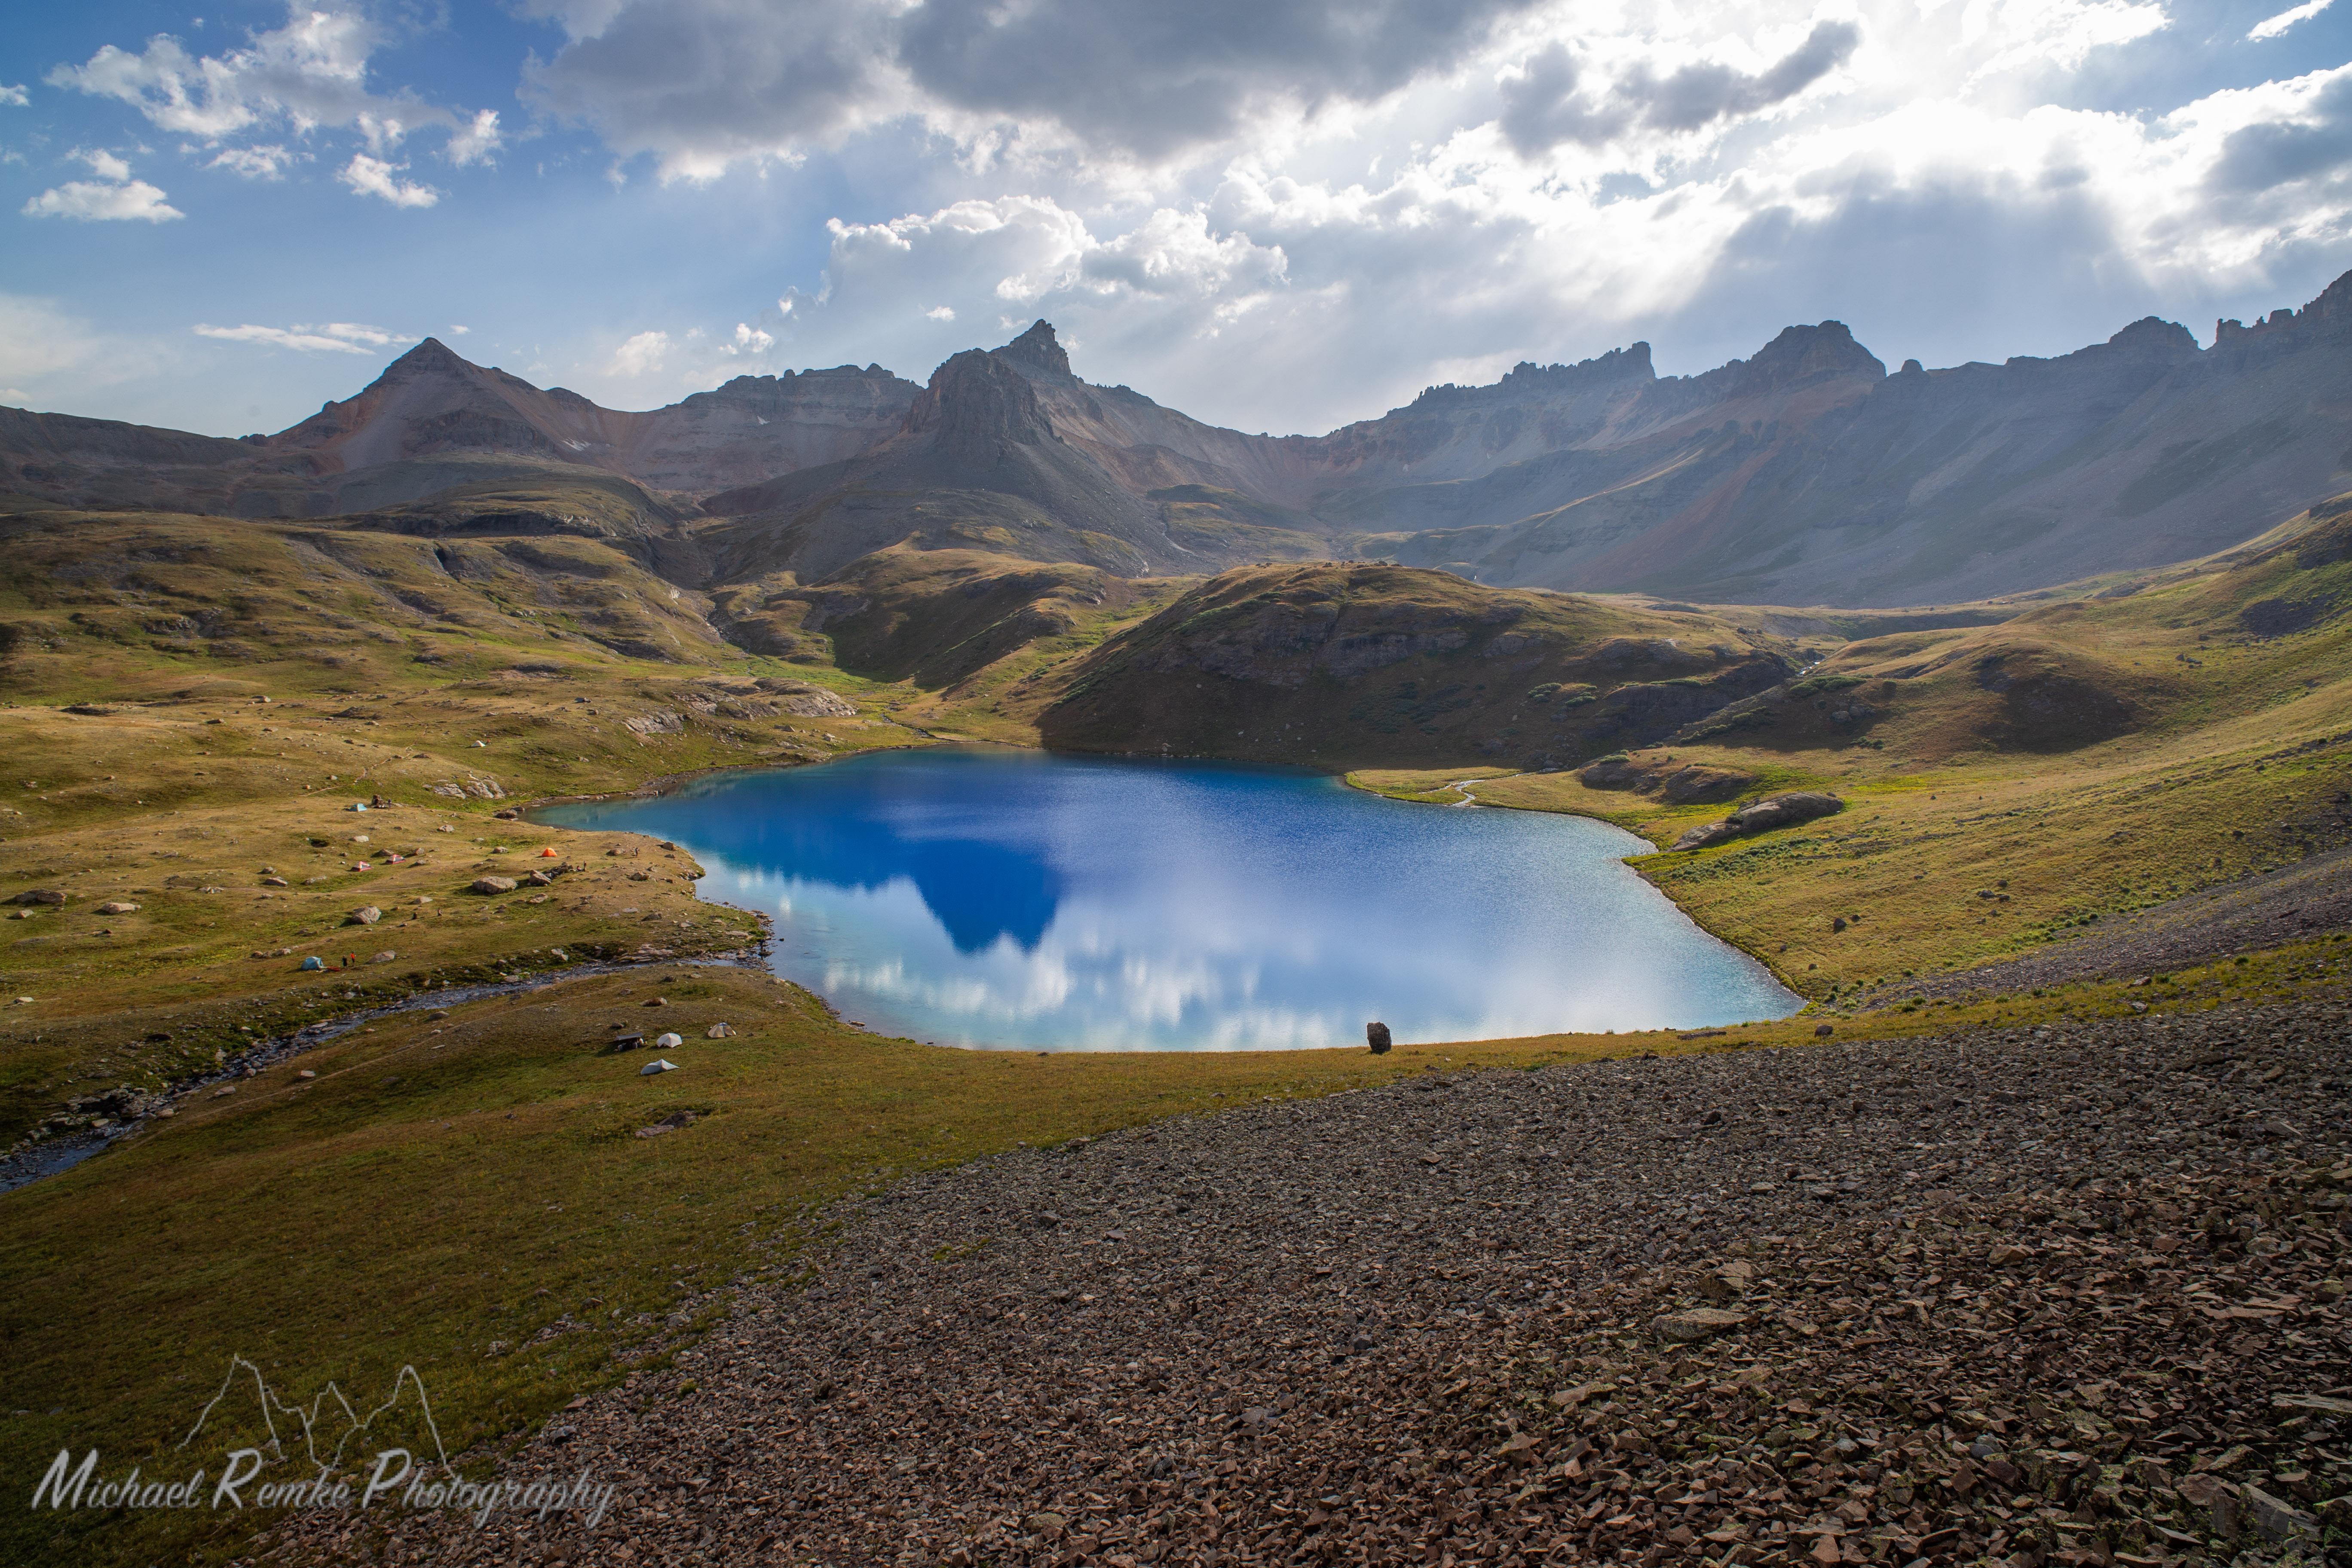 ice lake basin landscape alpine ecosystem